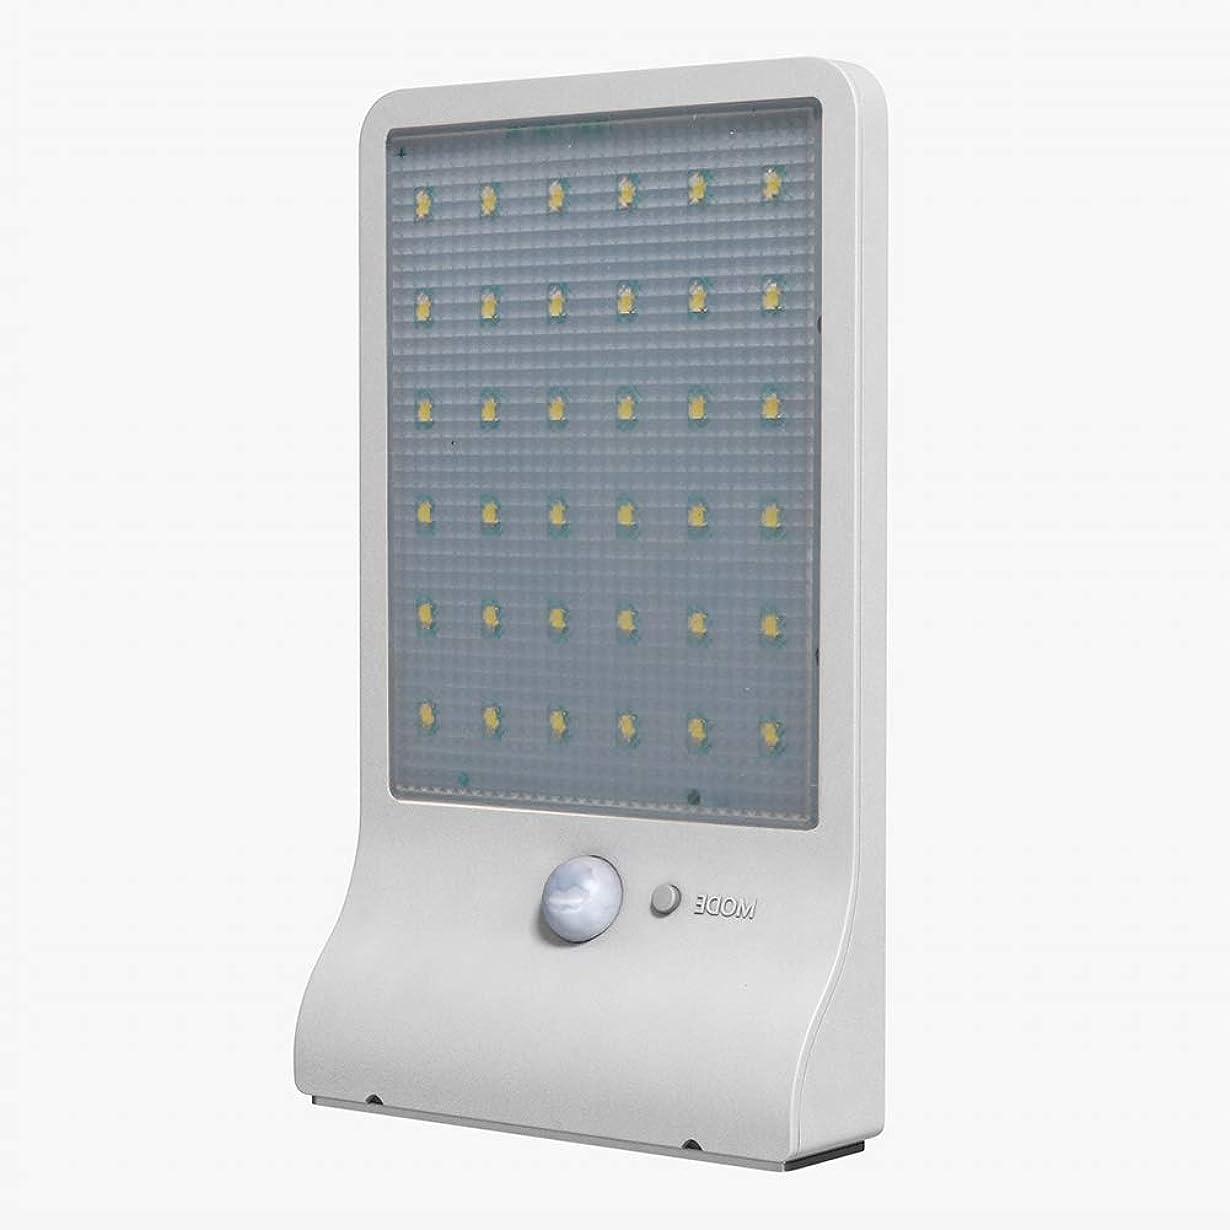 争うリアルシンポジウム屋外用ソーラーウォールライト、ガーデンガーデンライト、36LED超薄型防水、人体誘導街路灯,White